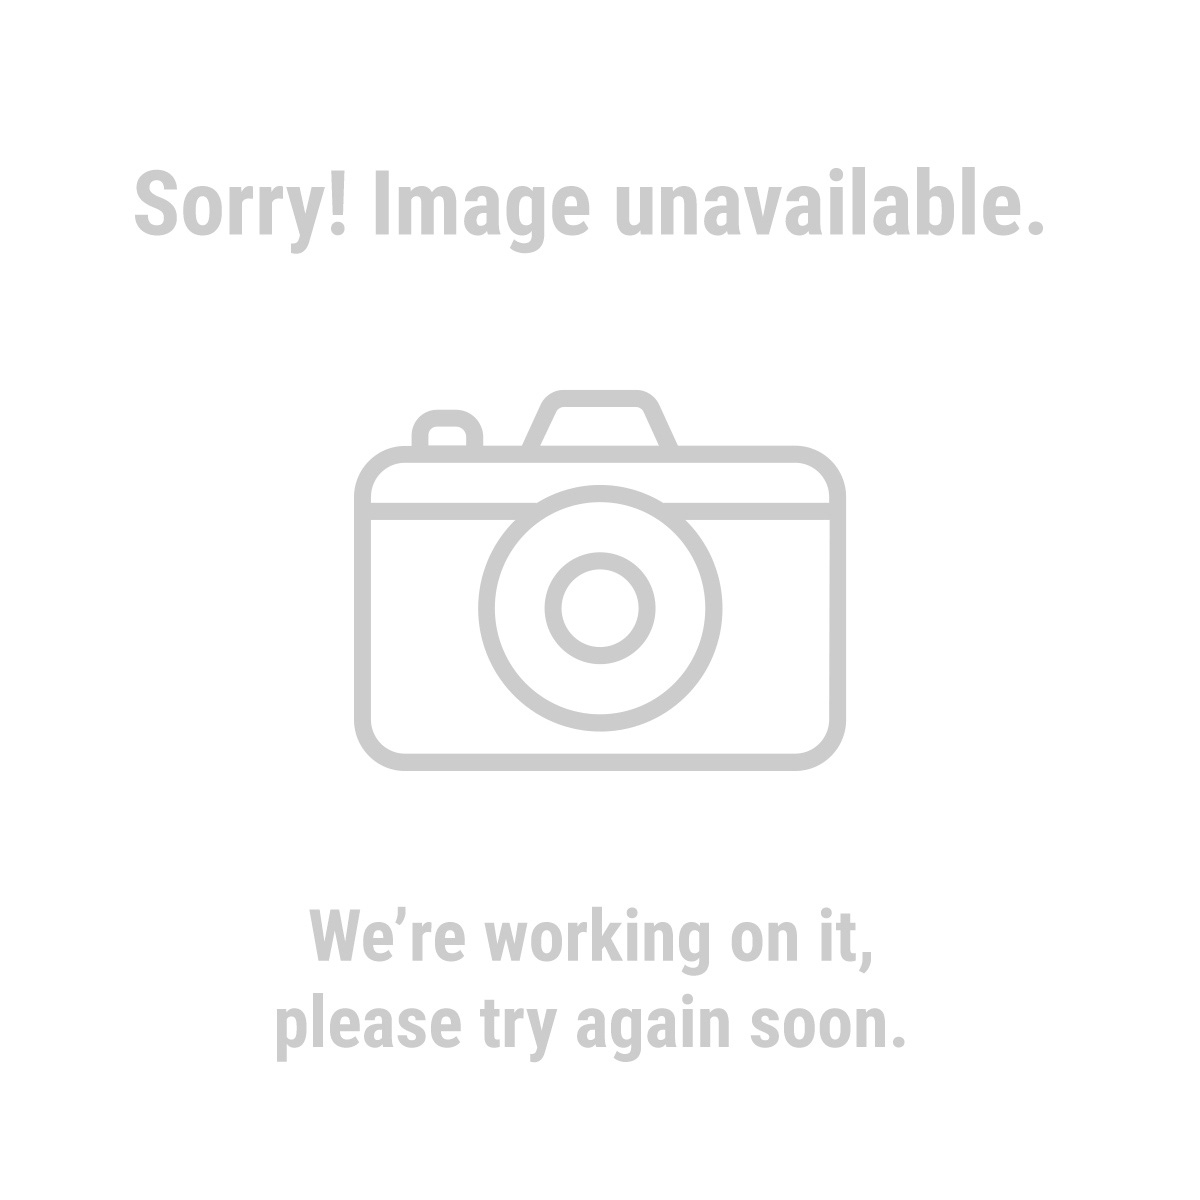 Predator Generators 63079 4000 Peak/3200 Running Watts, 6.5 HP  (212cc) Generator EPA III